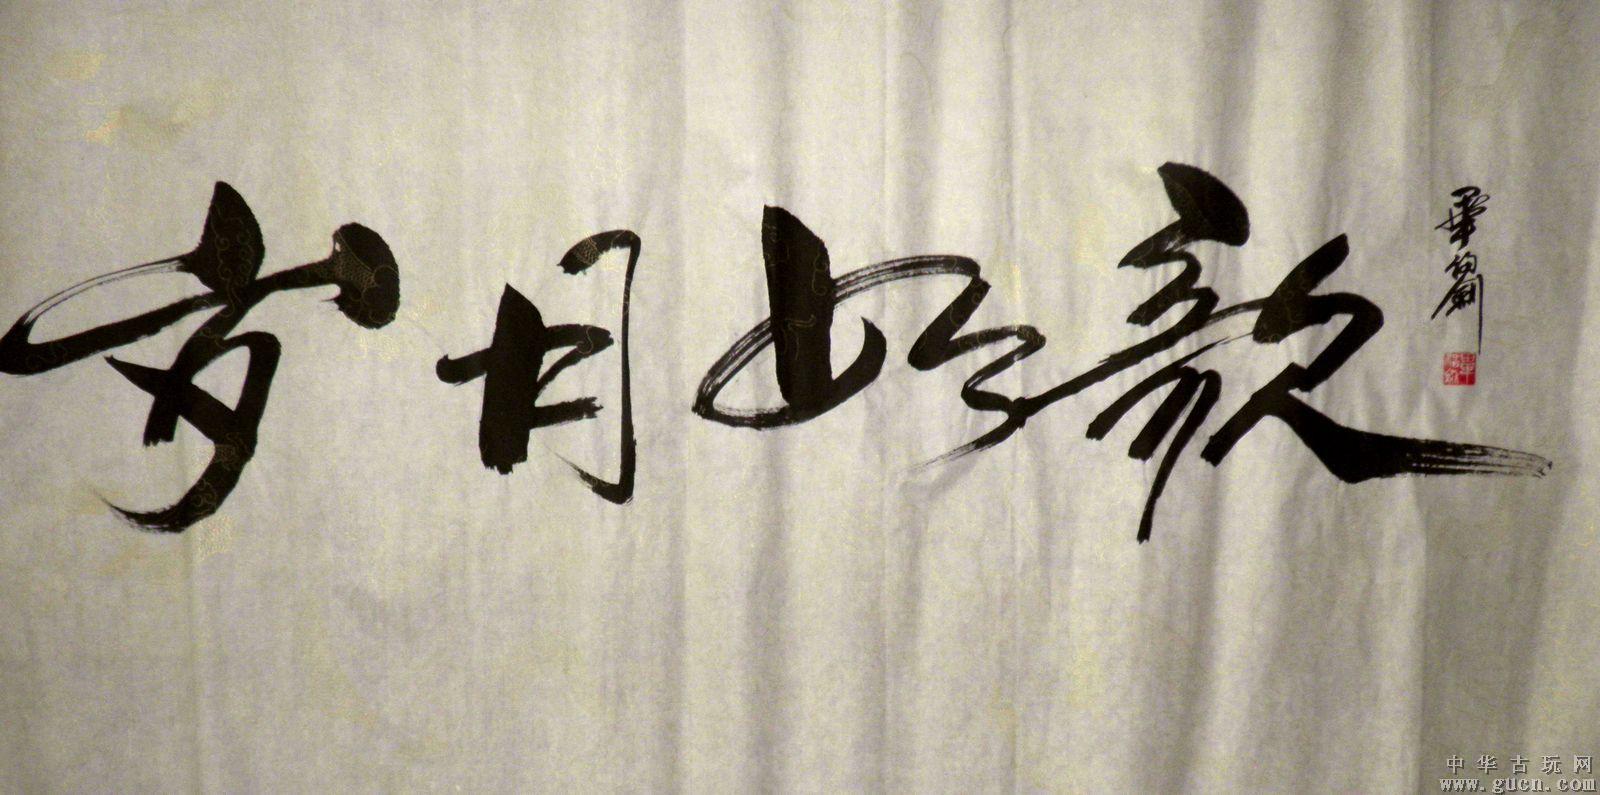 毕福剑的字,不叫漫画,一不小心笑话写出。不2769书法图片